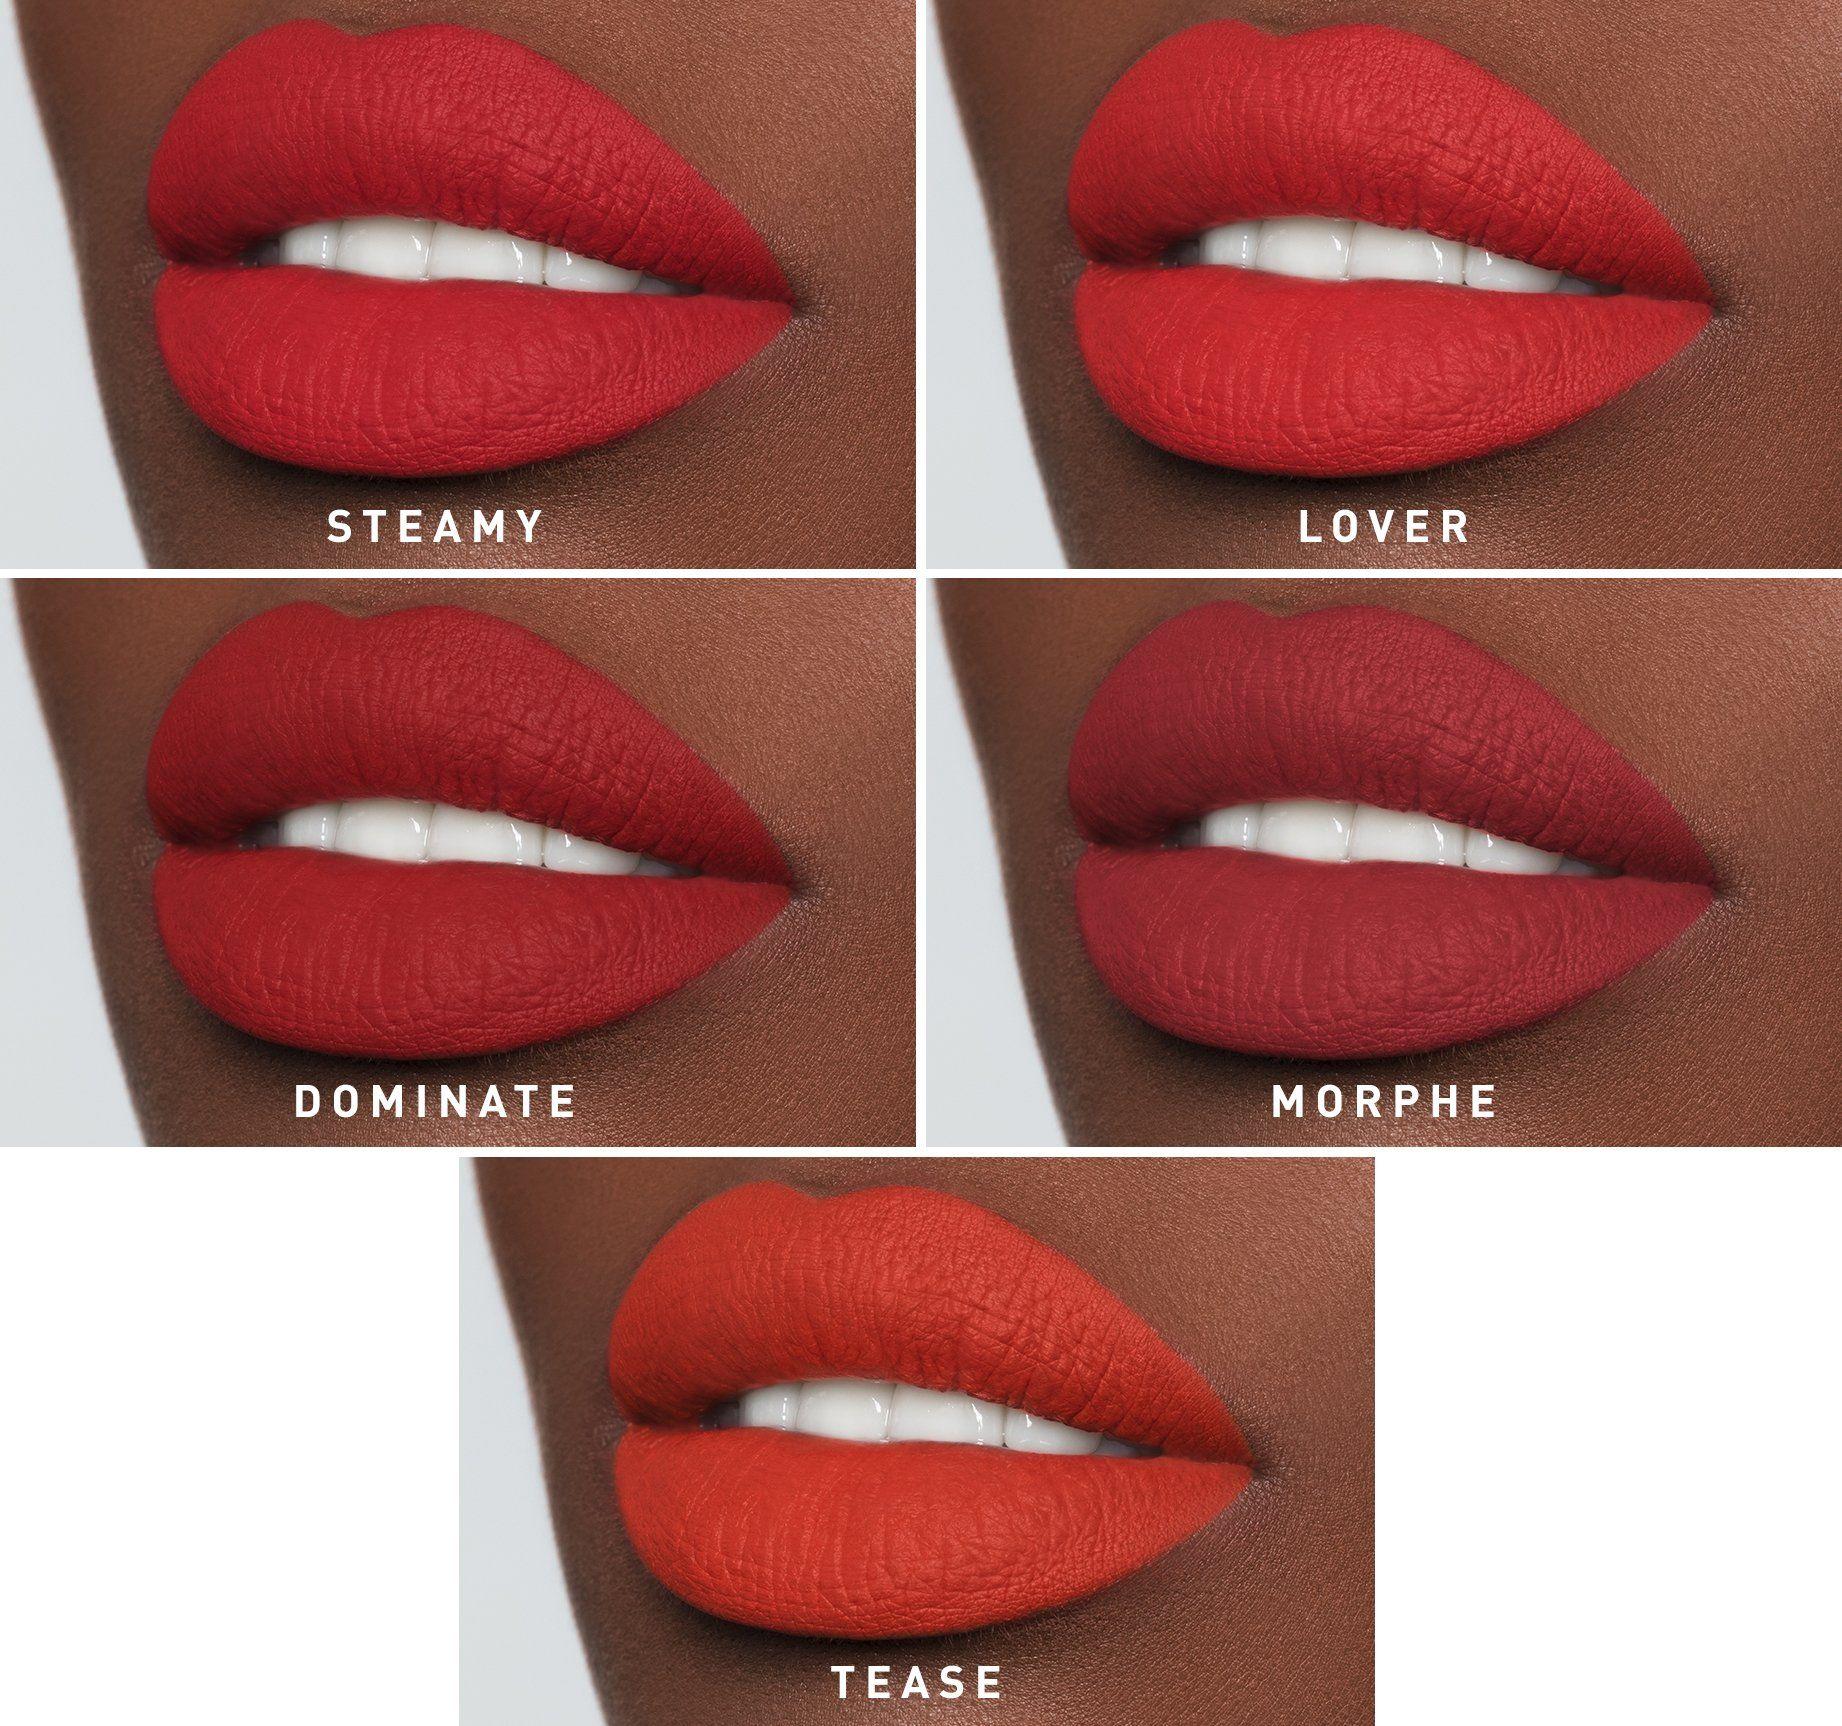 Morphe The Mega Matte 5 Lip Tips Lipstick Swatches Red Lipsticks